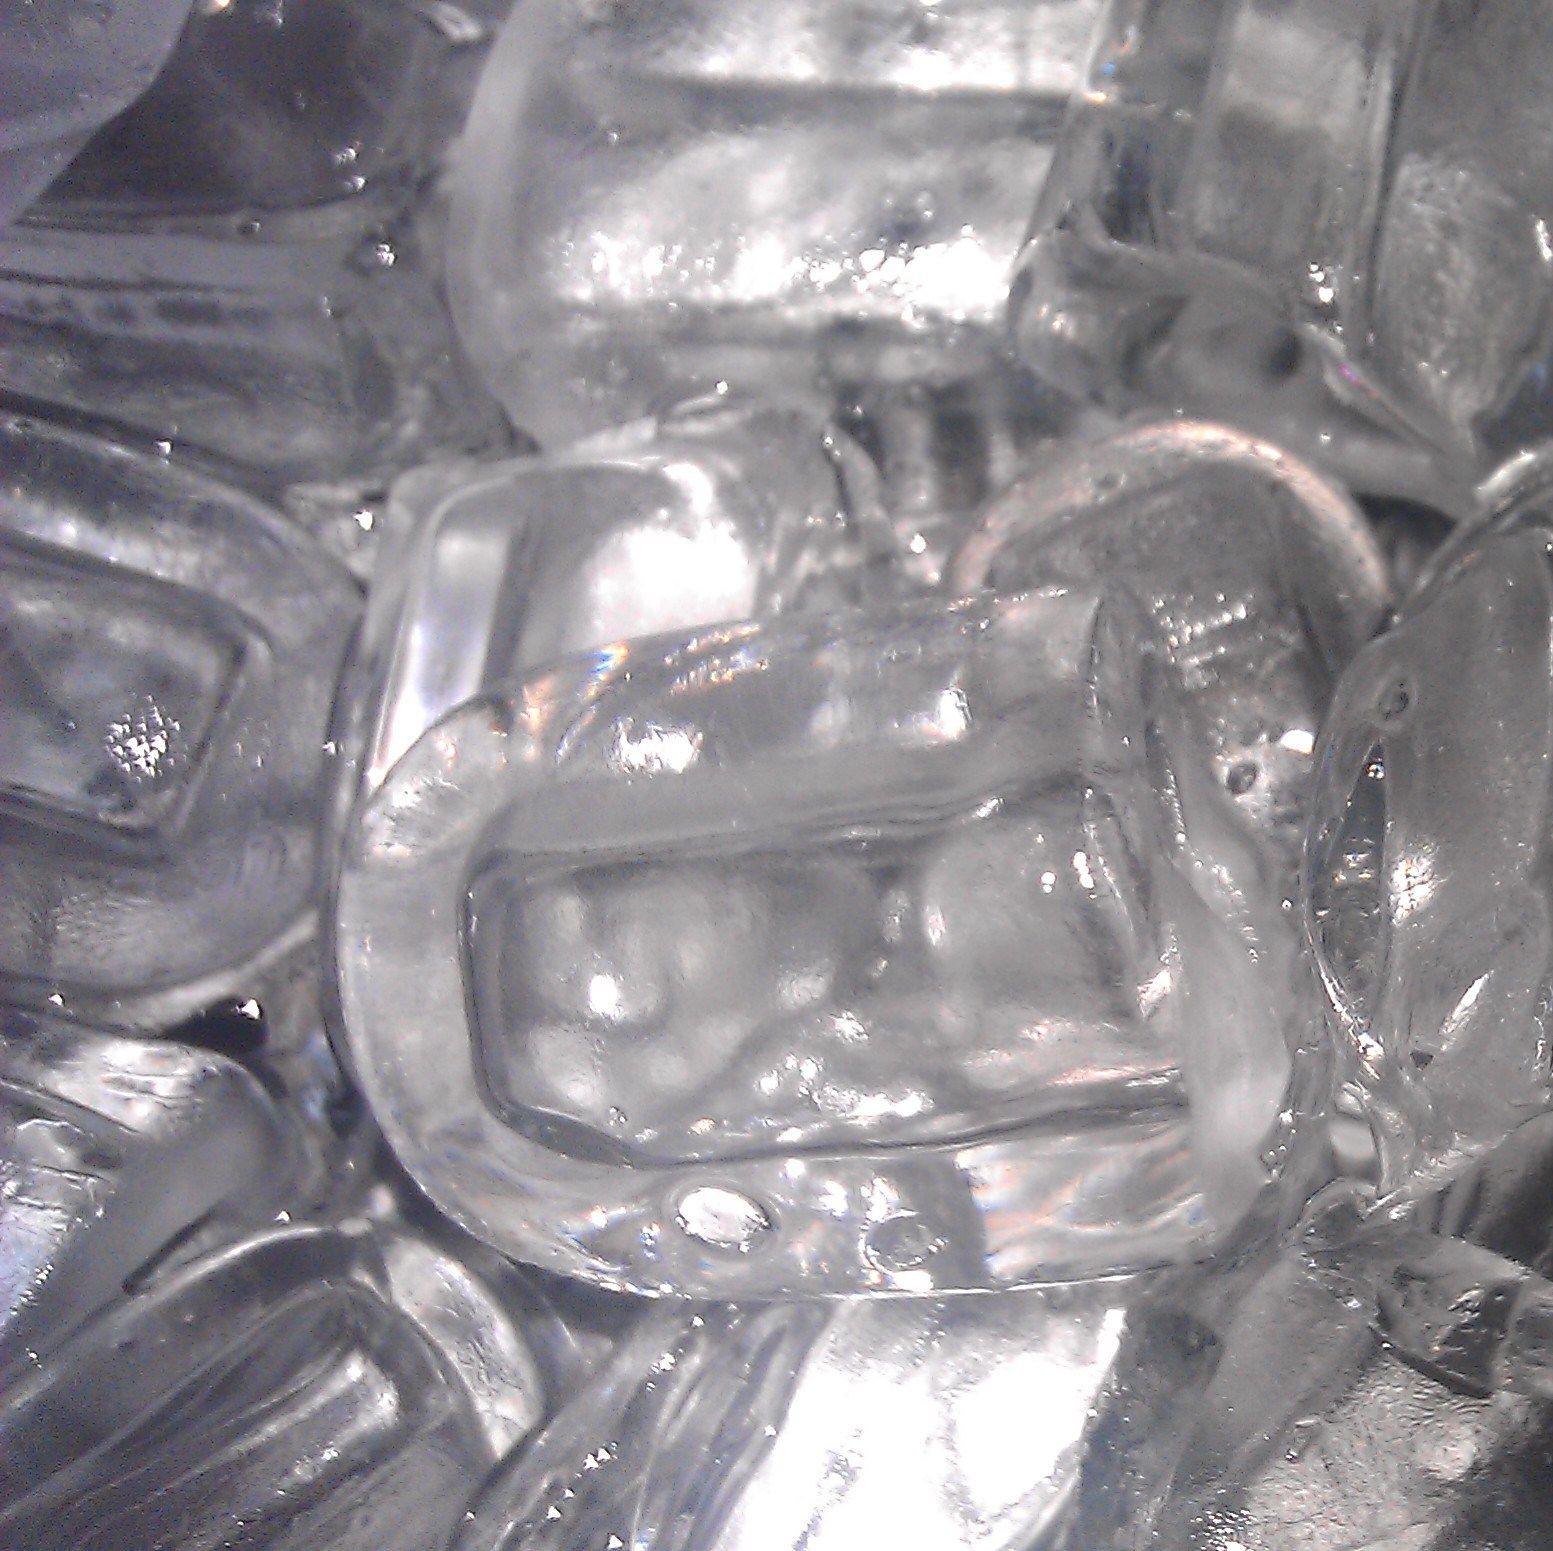 Пальчиковый лёд. Имеет форму цилиндра с отверстием внутри. Такой лед при той же массе, что и лед в кубиках, обладает значительно большей поверхностью теплообмена - соответственно и процесс охлаждения напитка происходит быстрее.  Доставка льда 24 часа в СПб. Тел.: +7 (931) 262-33-22 Сайт: www.barice.ru